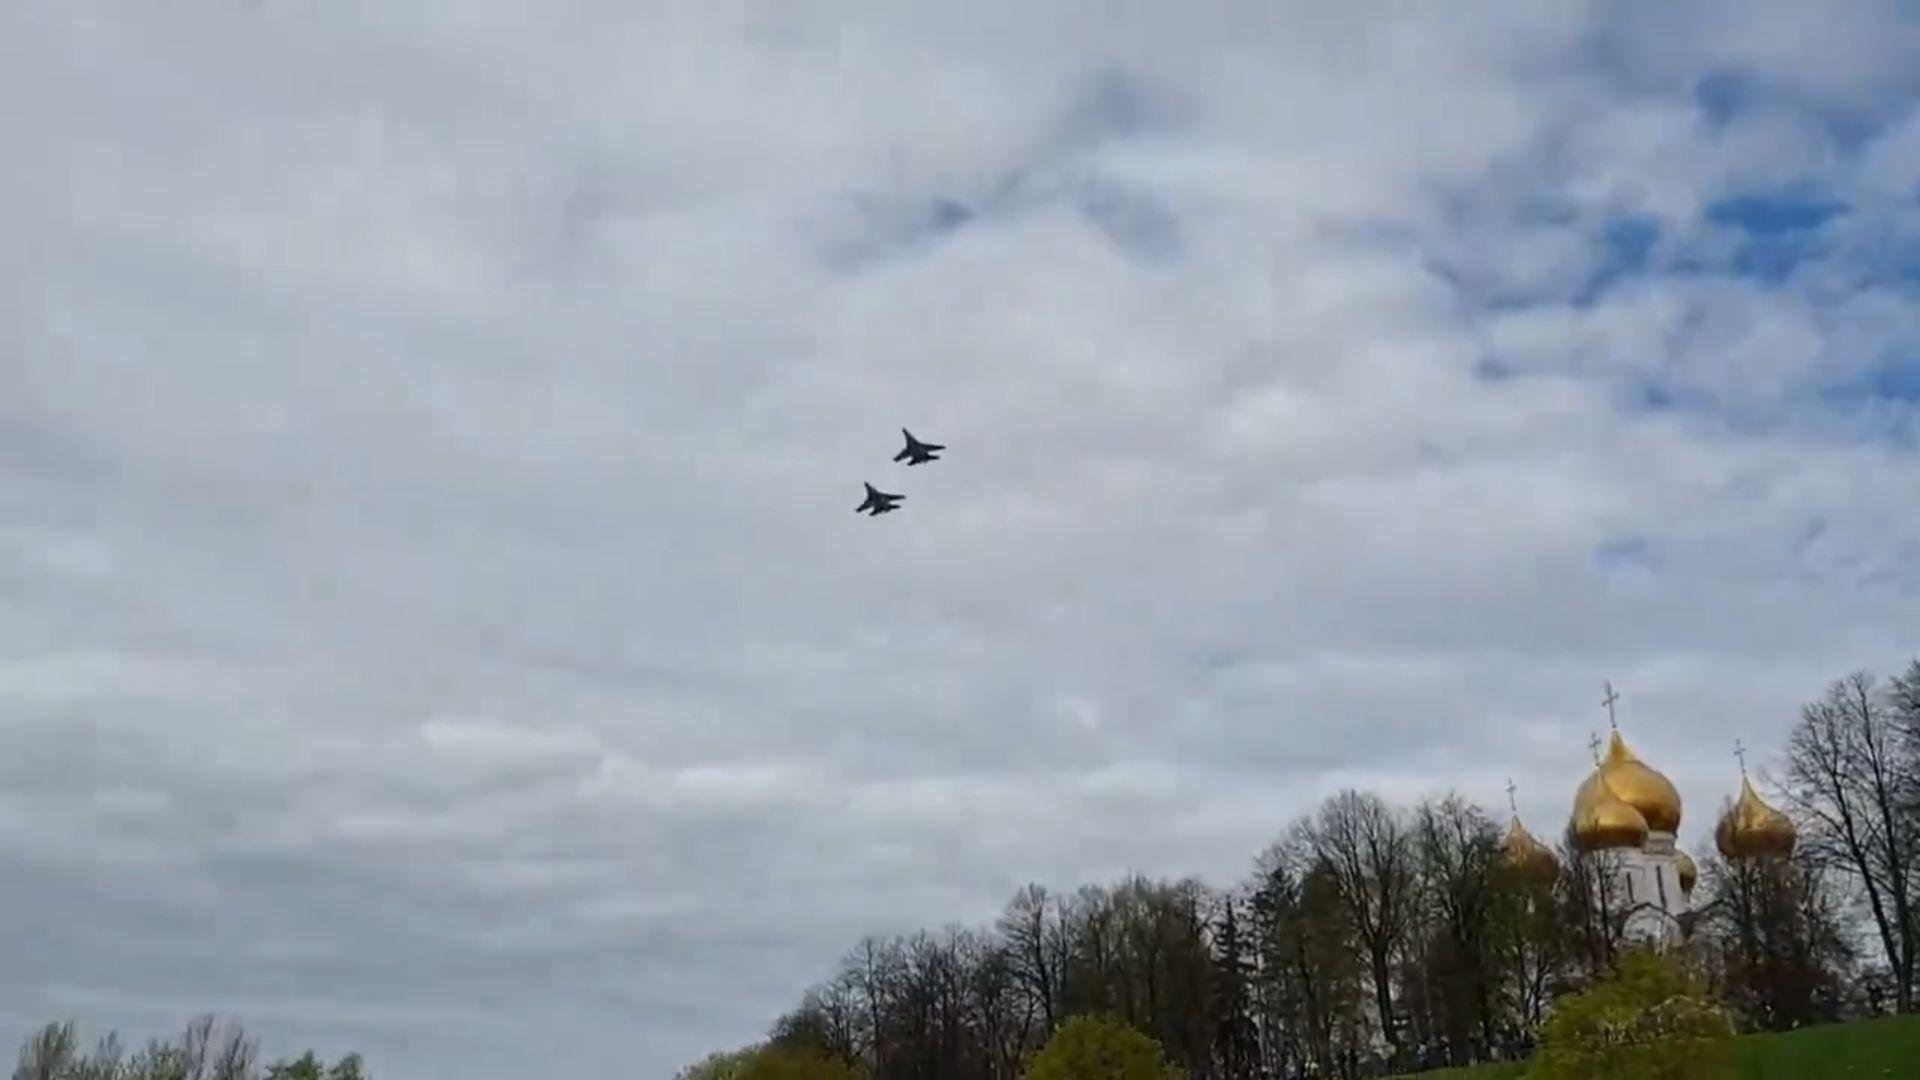 В День Победы над Ярославлем пролетели военные самолеты: видео